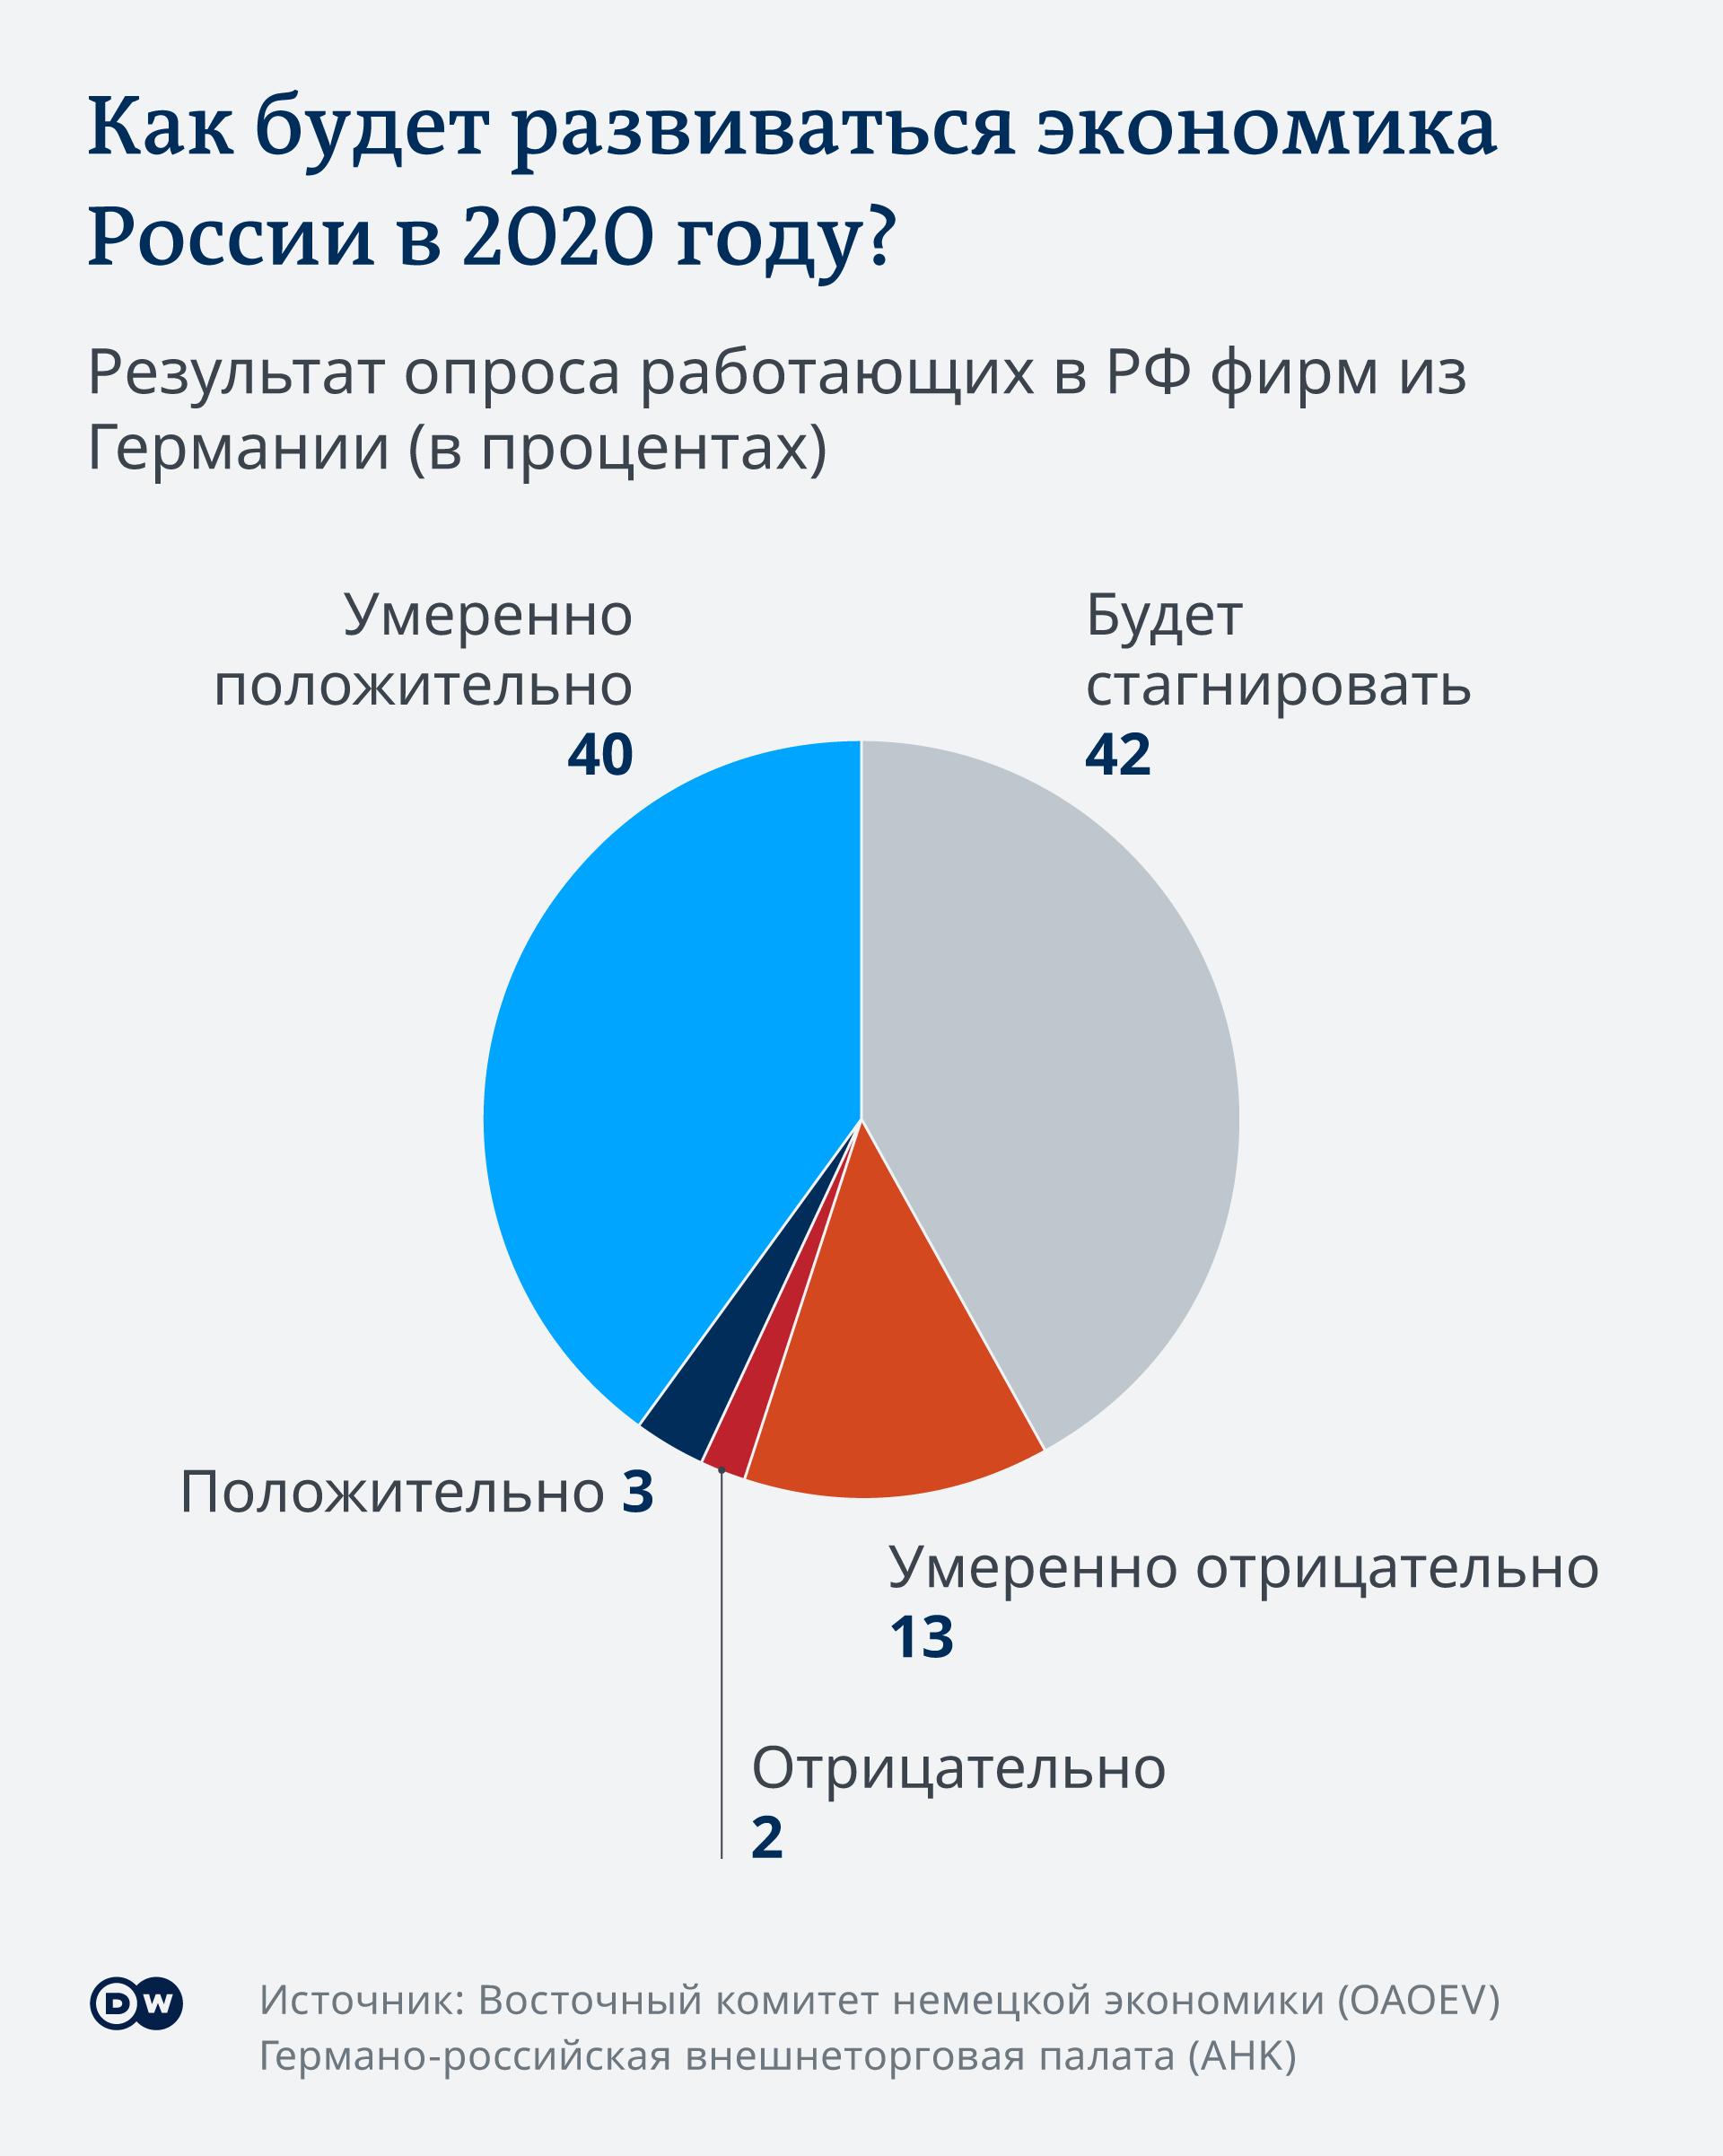 Инфографика Как будет развиваться экономика России в 2020 году?